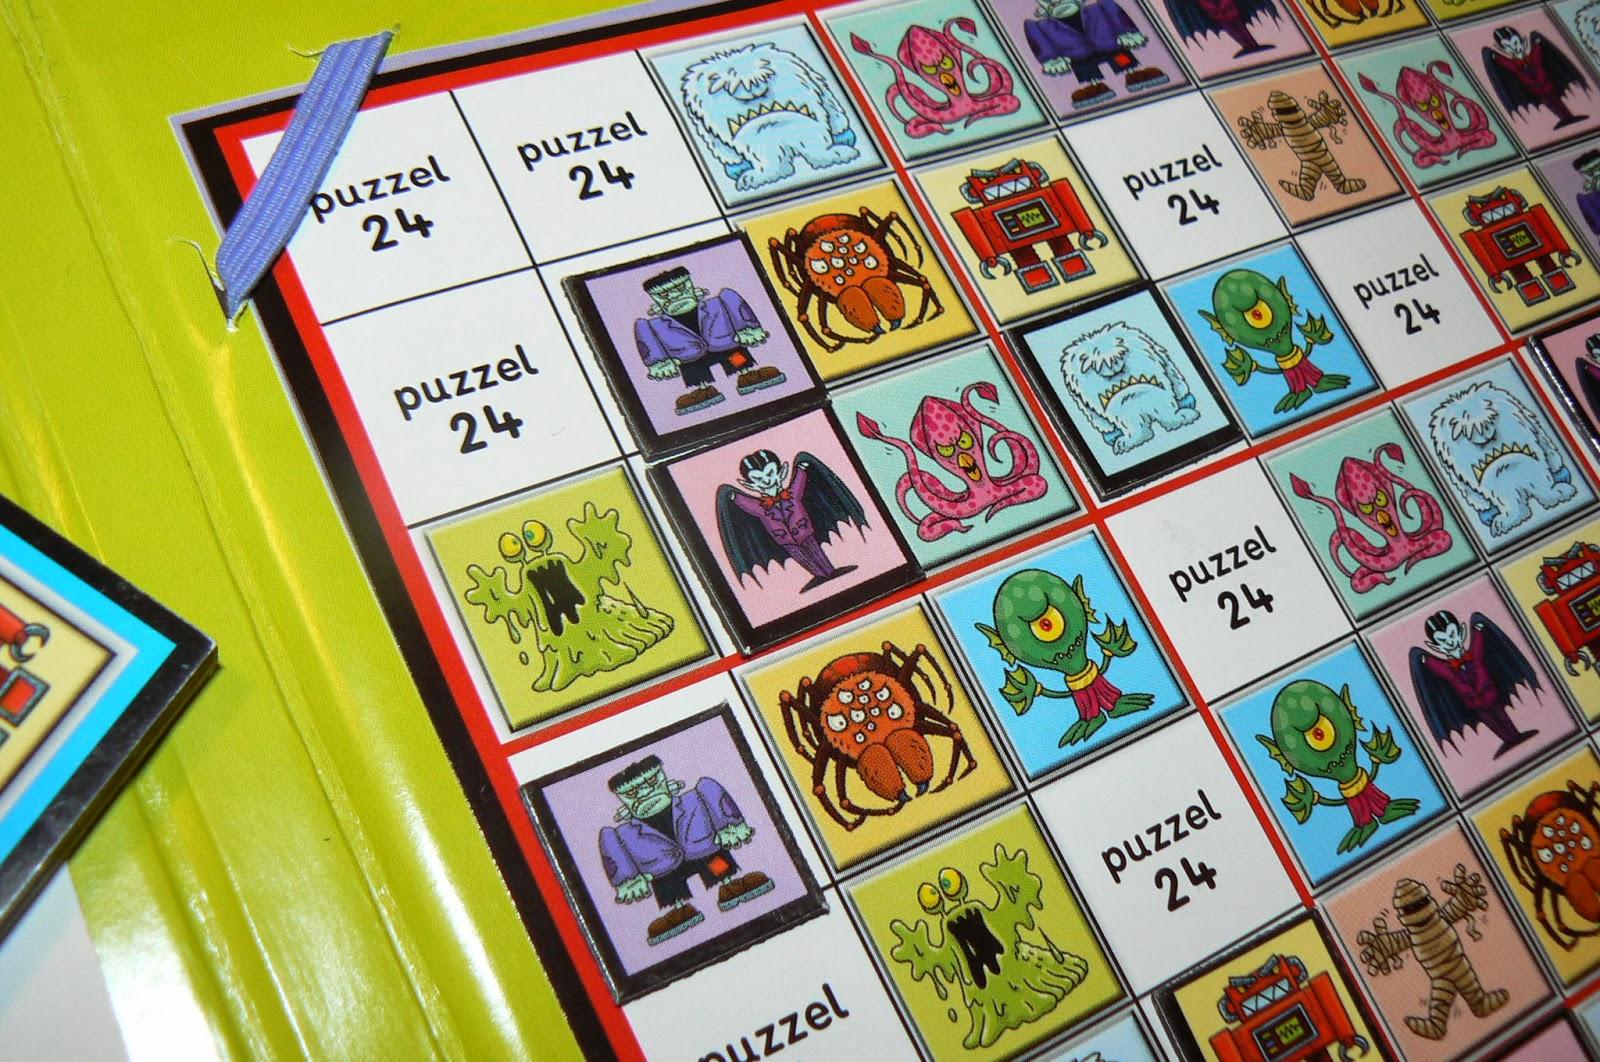 Orca Observar Recordar Crecer Y Aprender Libreta De Dibujo: Orca: Observar, Recordar, Crecer Y Aprender: Octubre 2013